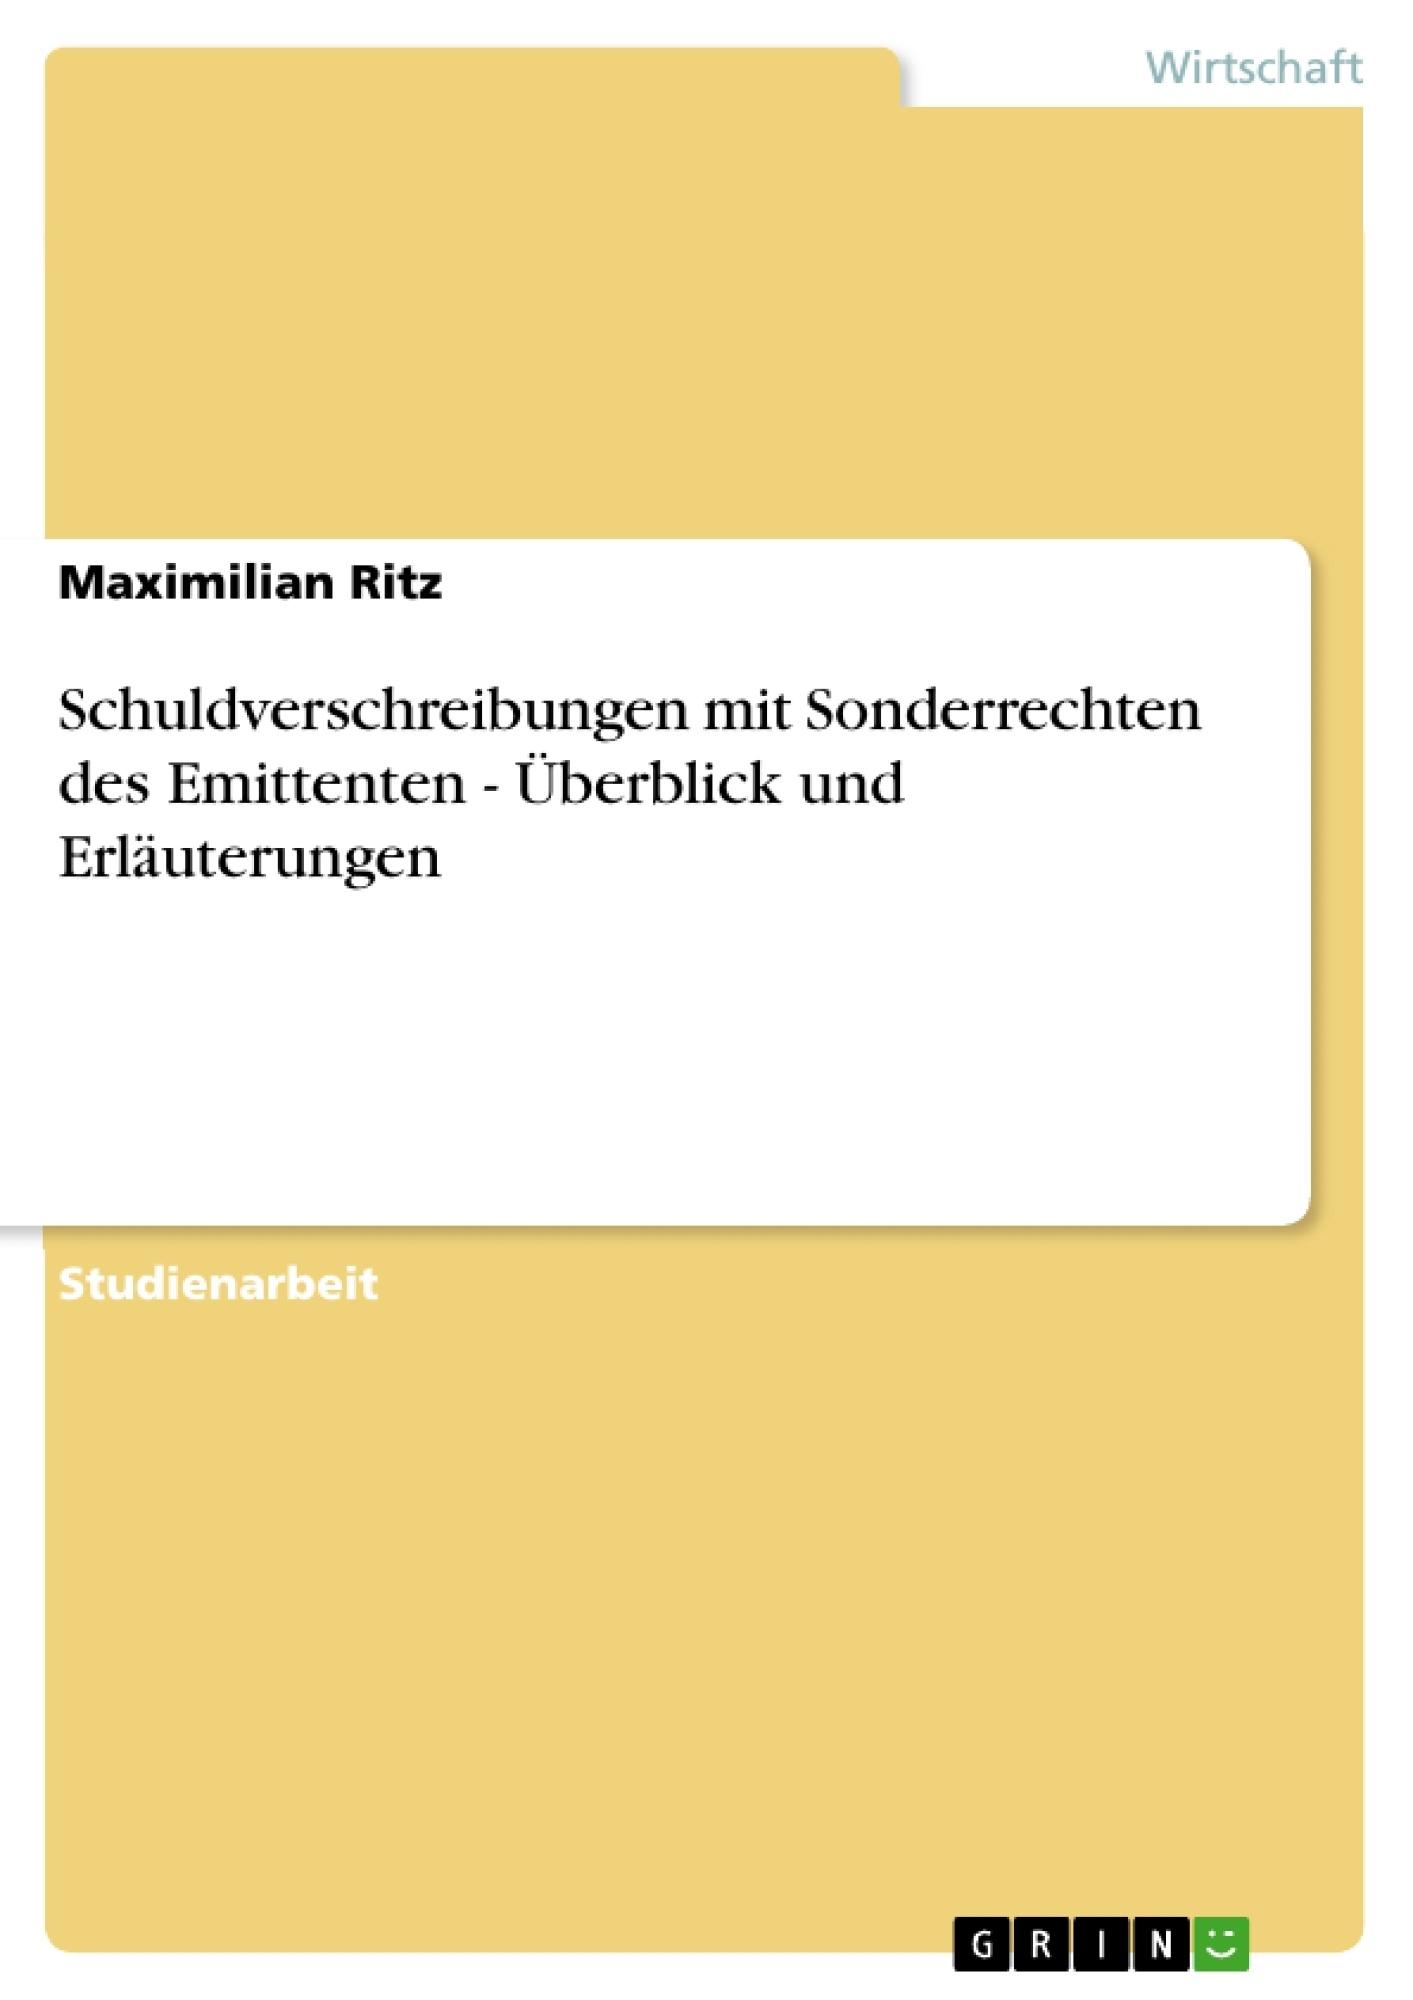 Titel: Schuldverschreibungen mit Sonderrechten des Emittenten - Überblick und Erläuterungen